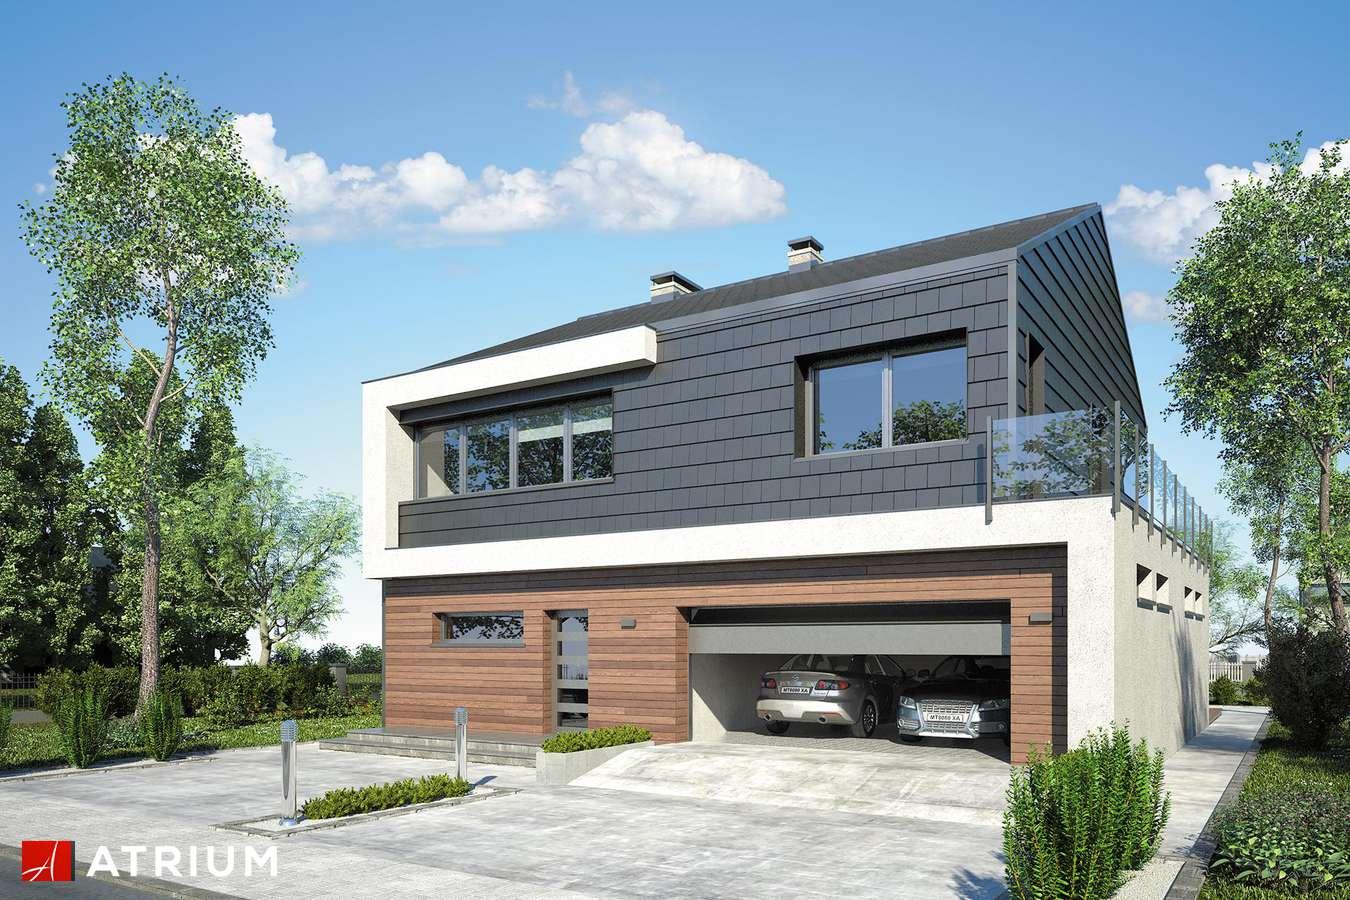 Projekty domów - Projekt domu piętrowego NEW HOUSE - wizualizacja 1 - wersja lustrzana